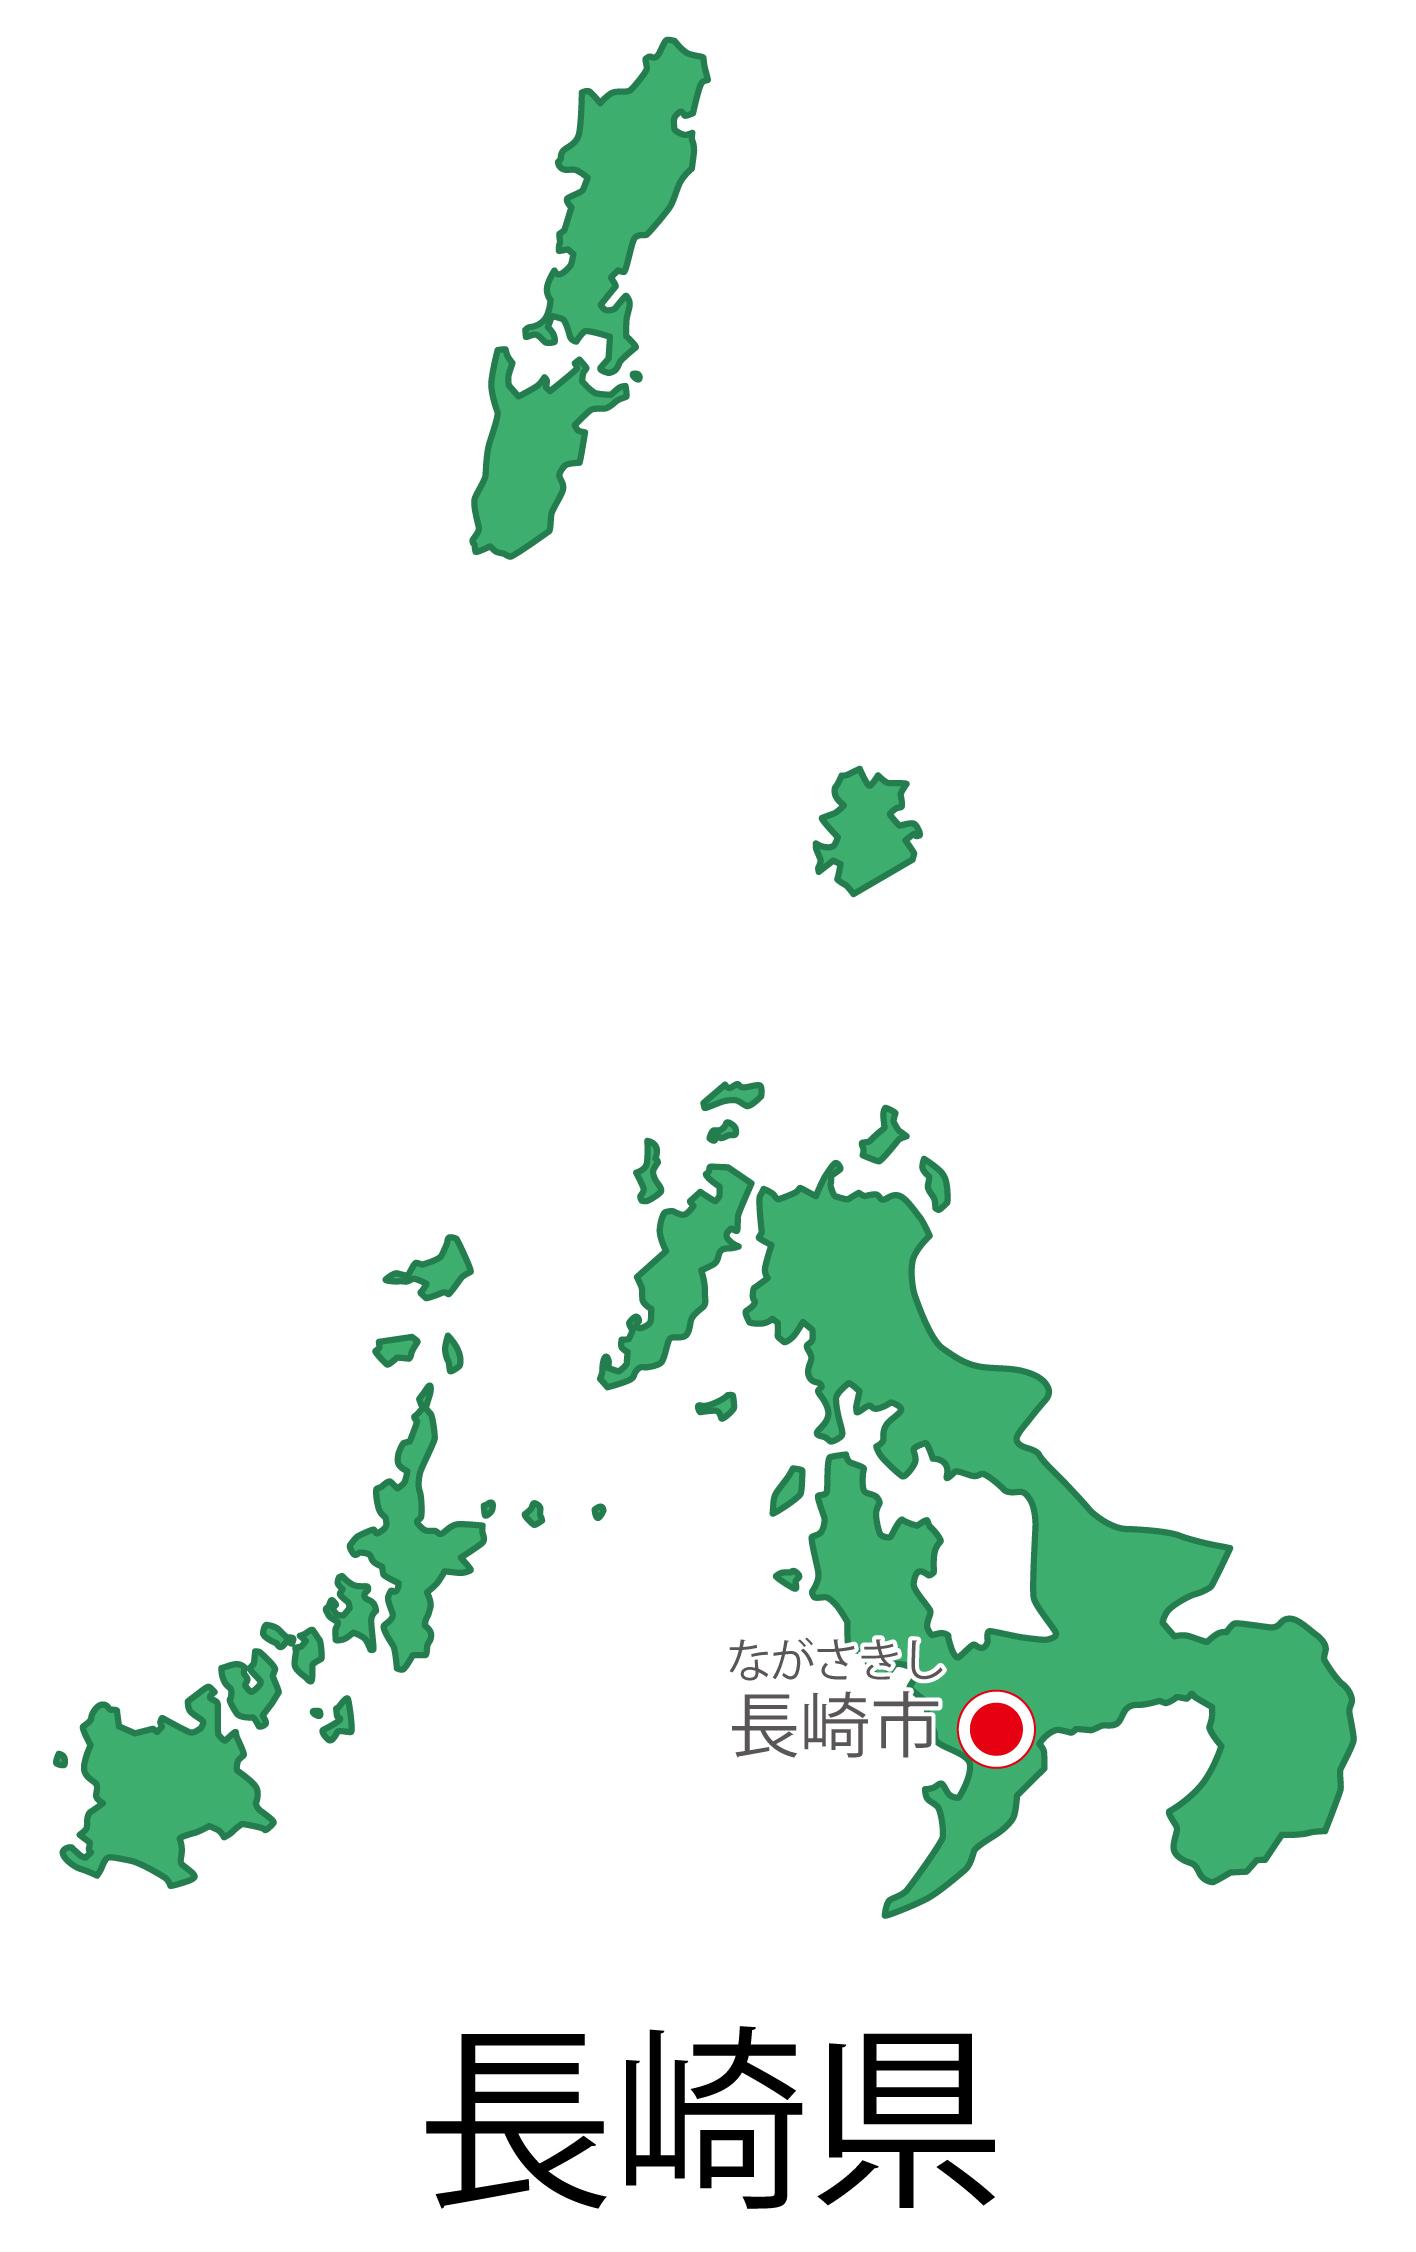 長崎県無料フリーイラスト|日本語・都道府県名あり・県庁所在地あり・ルビあり(緑)